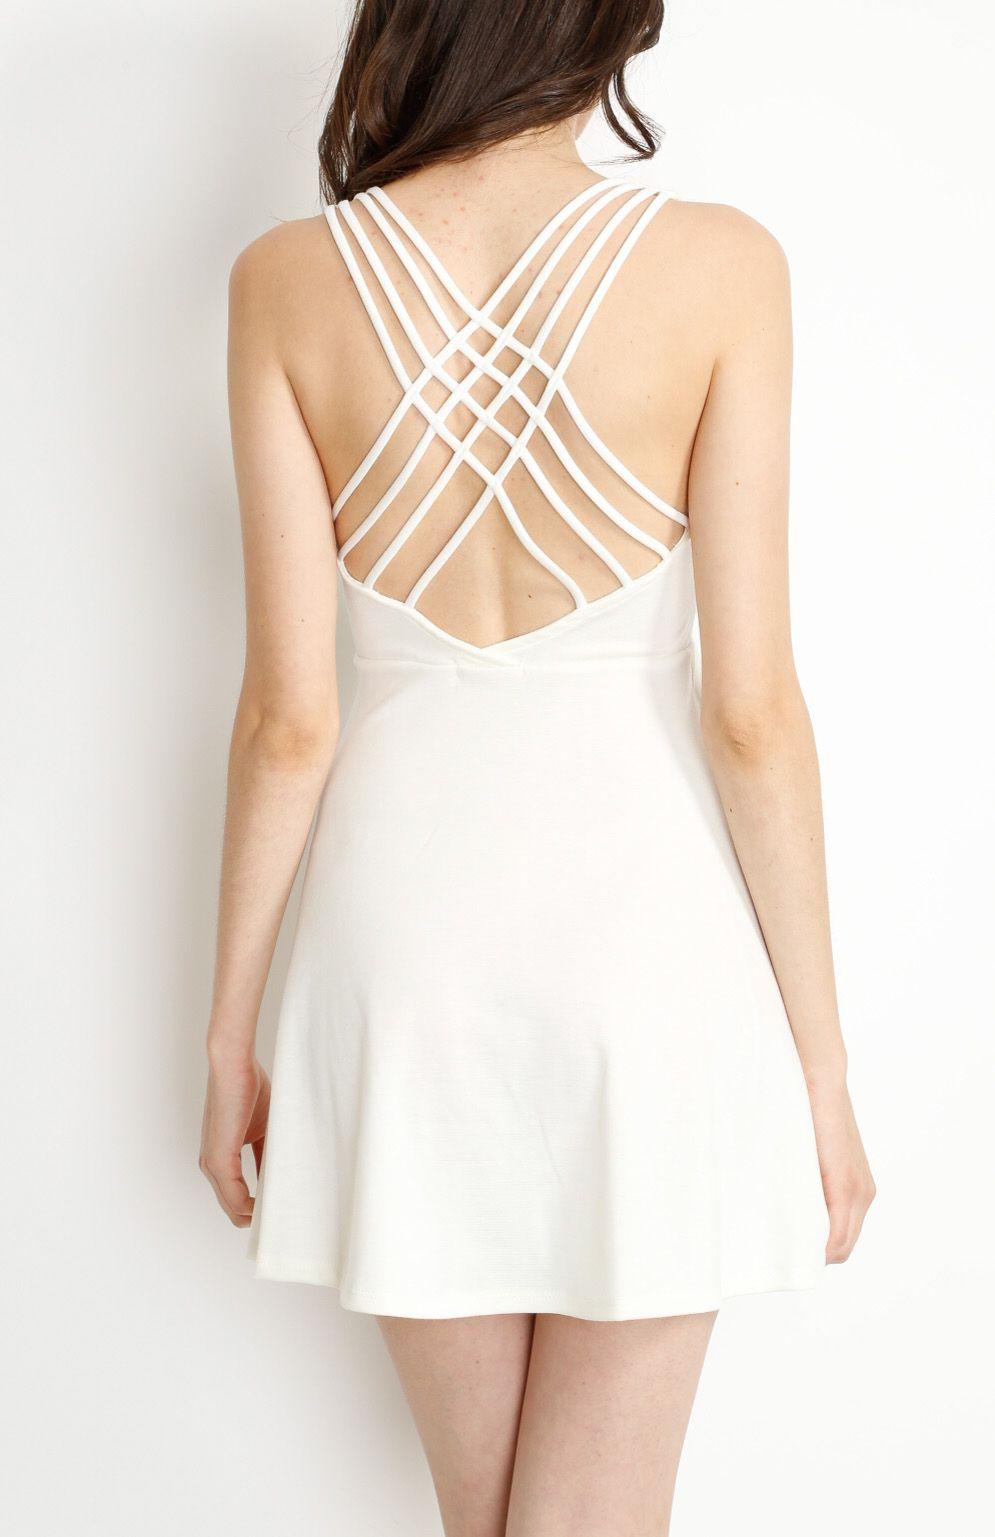 Wholesale #Fashion Dresses from your favorite Online Store, #WholesaleClothingFactory.  #WholesaleClothes #WholesaleFashion #boutique #apparel